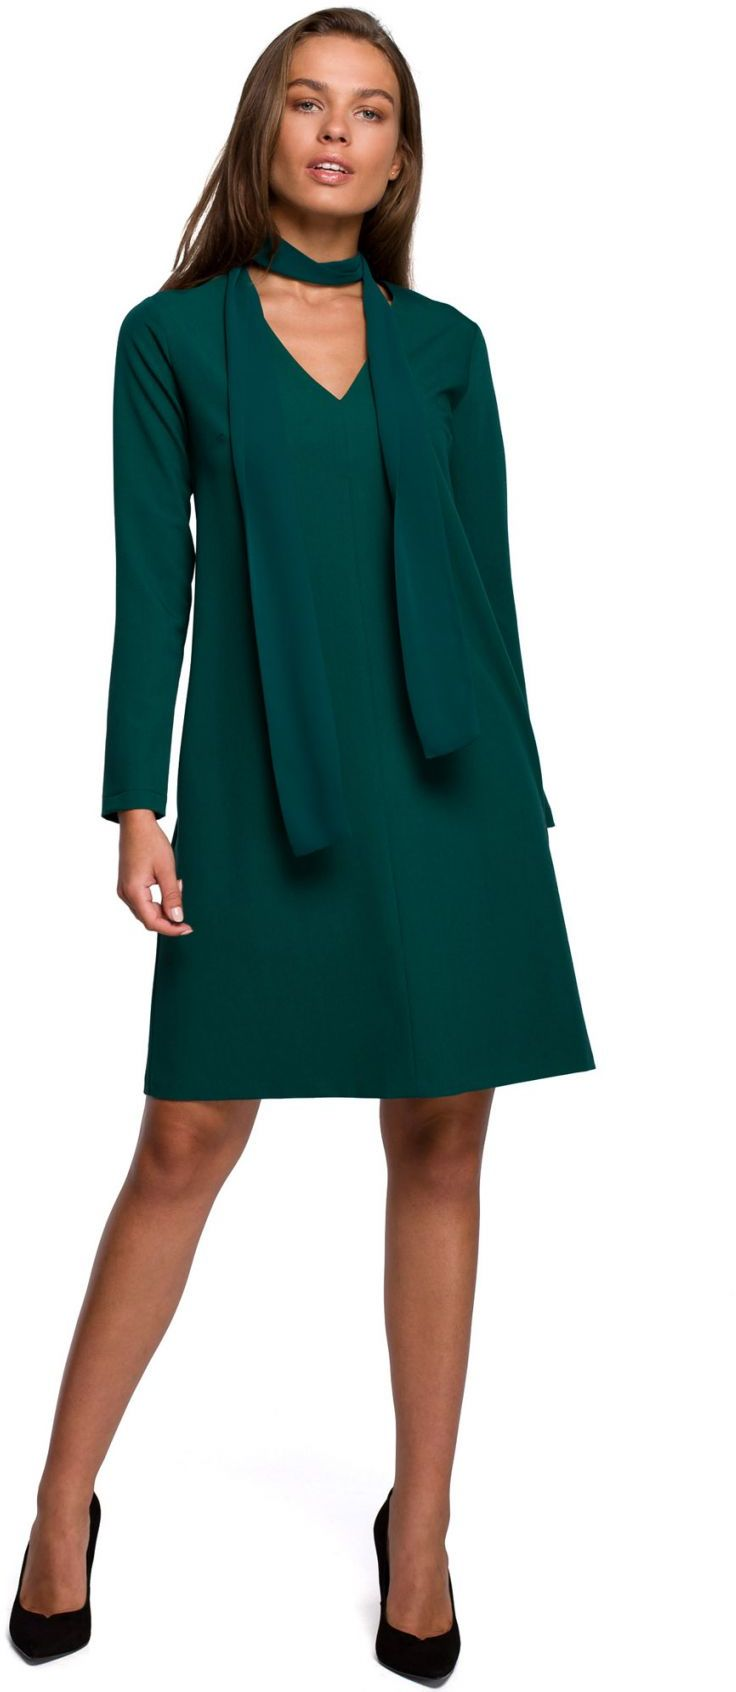 S233 Sukienka z szyfonowym szalem - zielona